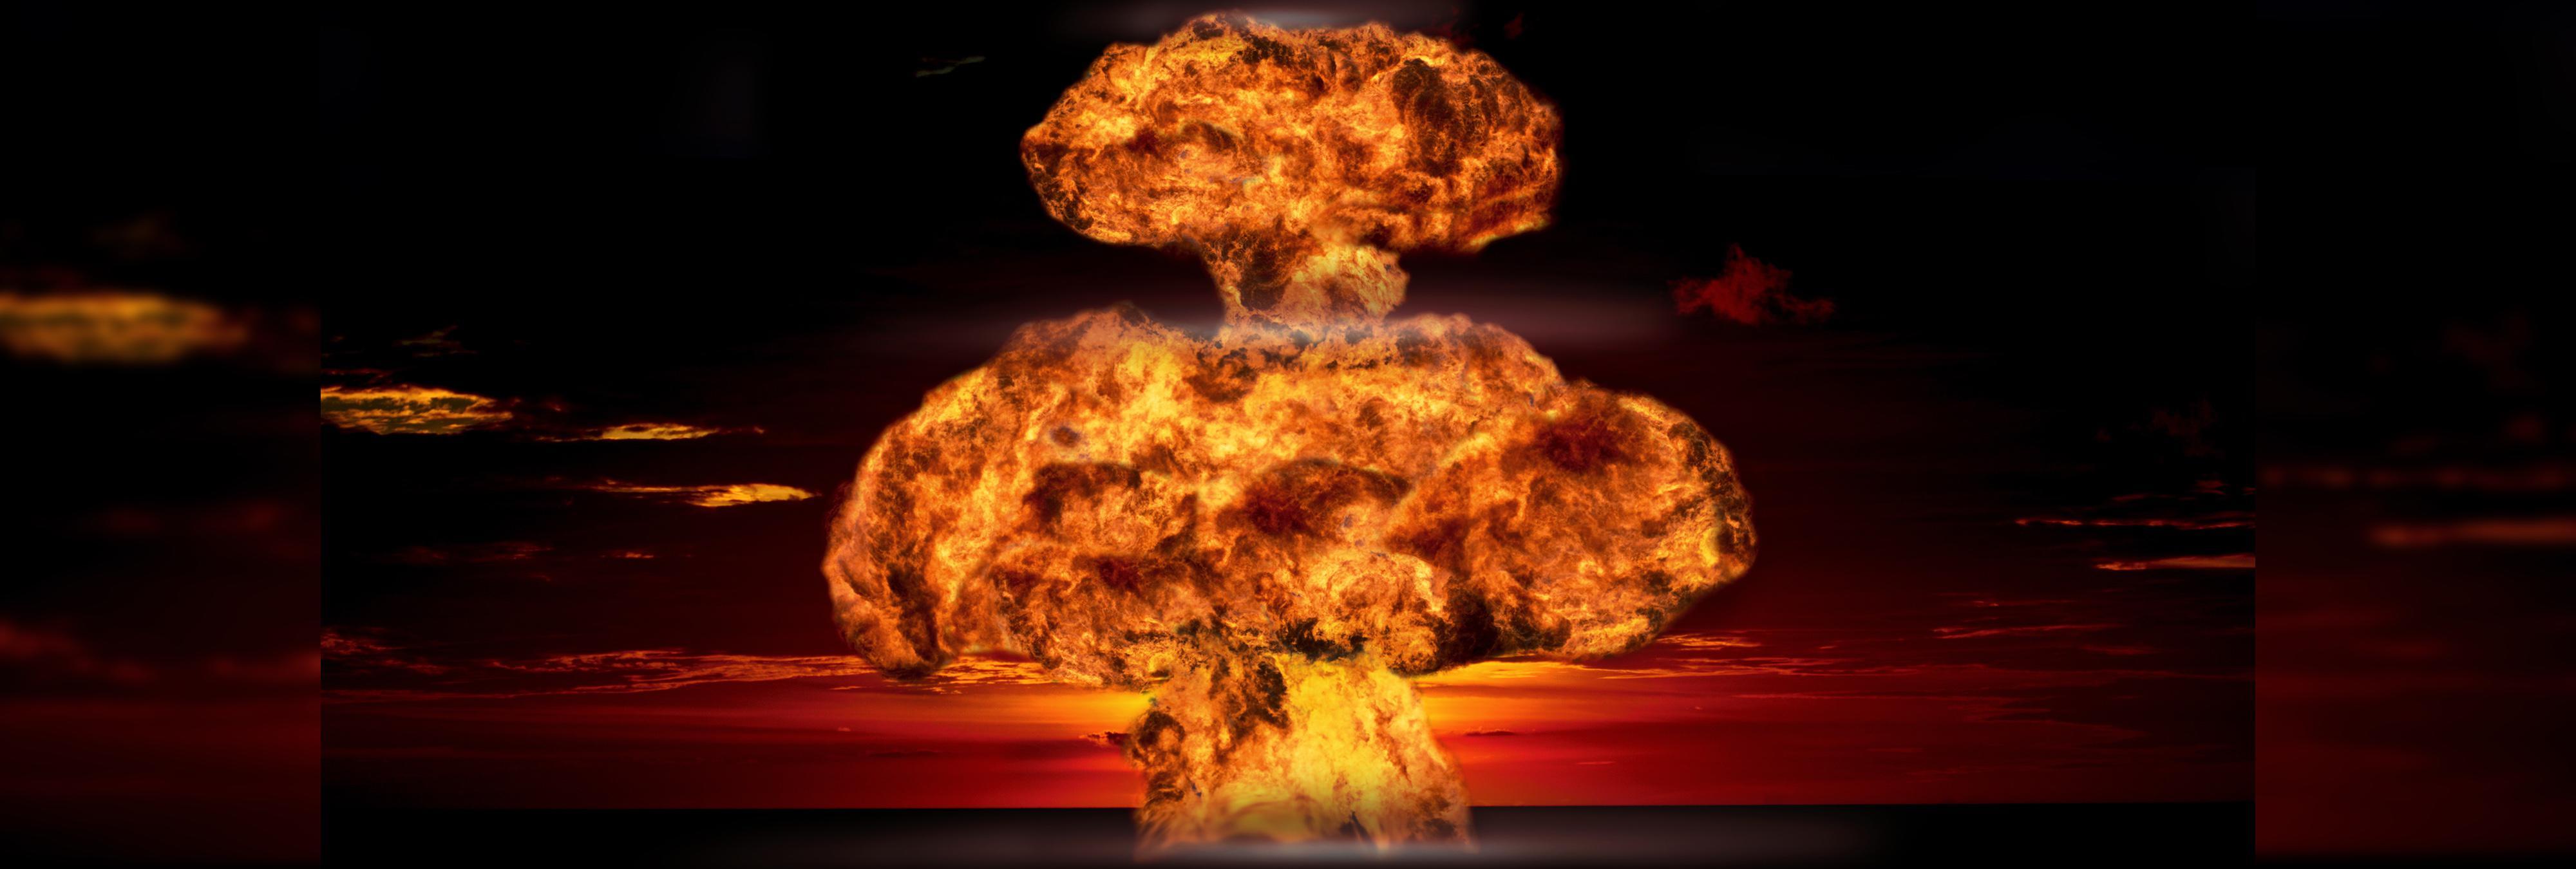 ¿Qué sucedería si España recibiese un ataque nuclear? Así quedaría tu ciudad